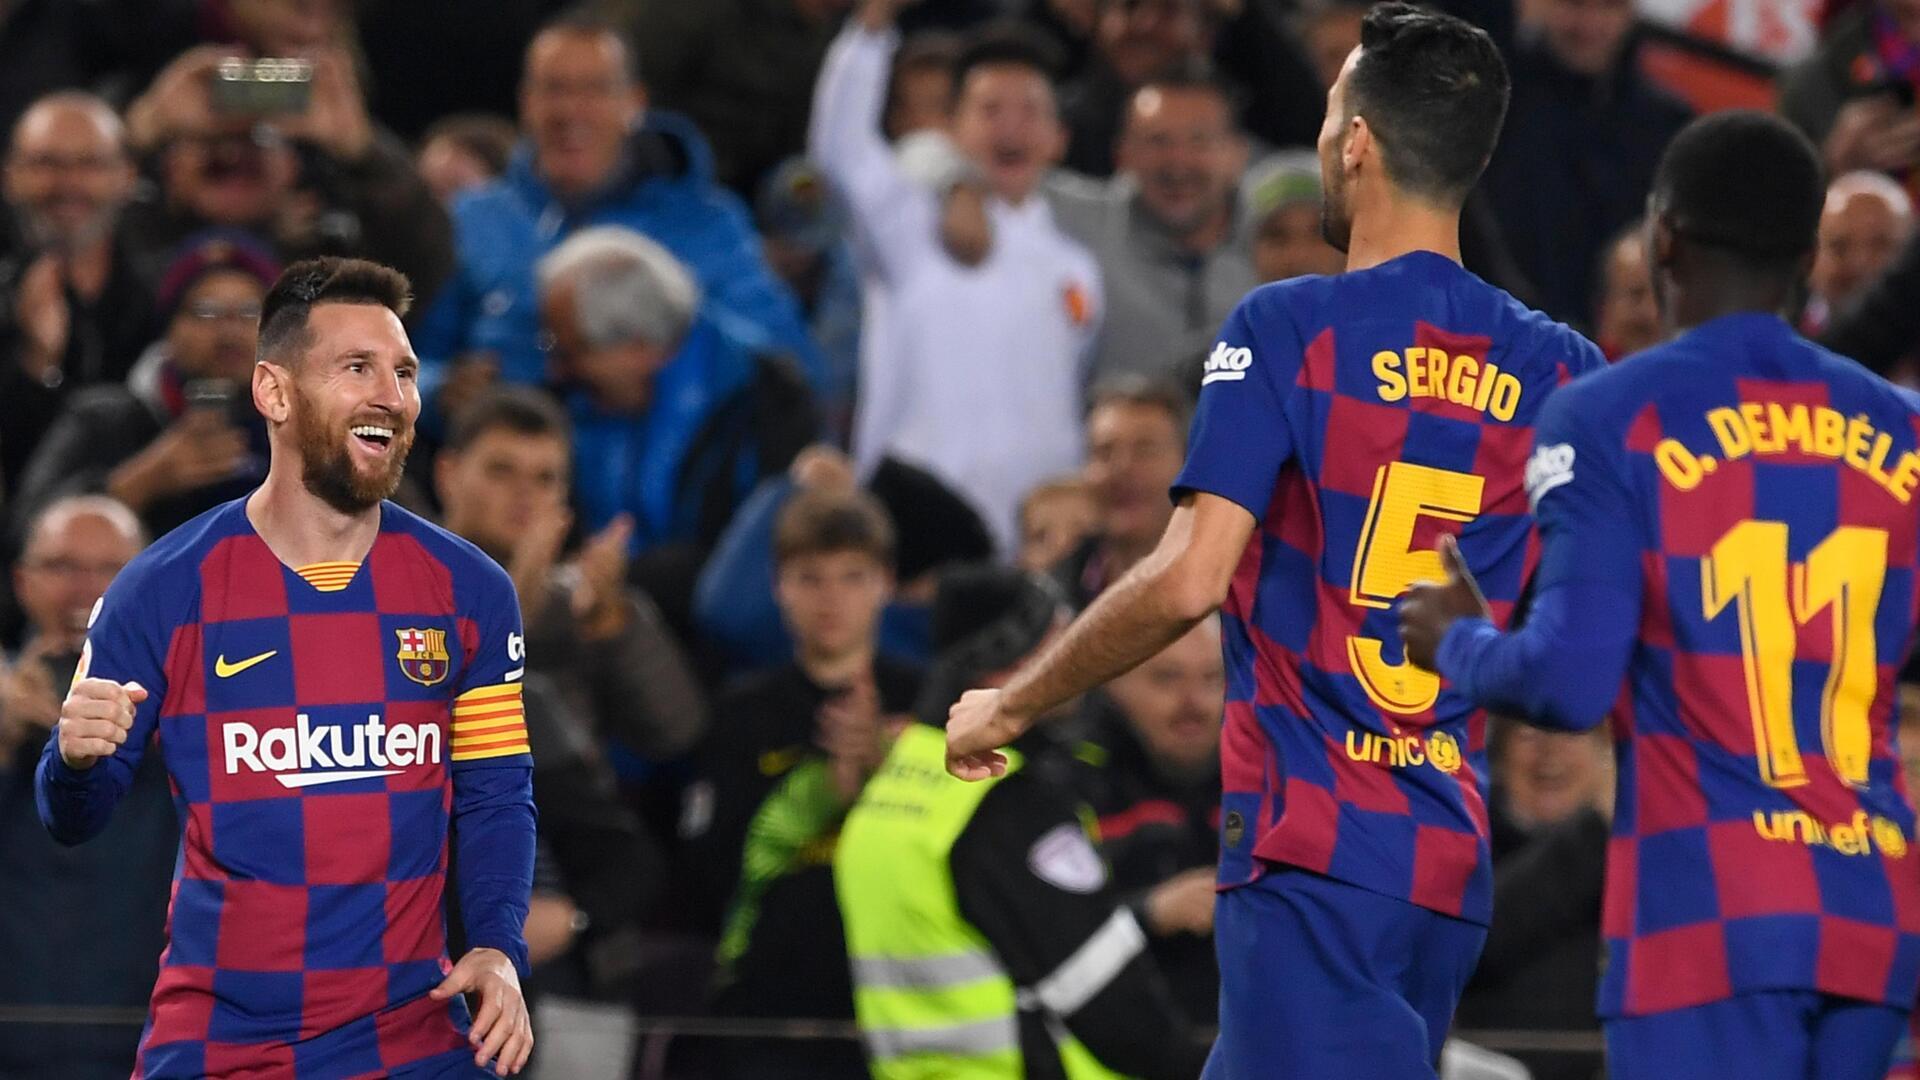 رسميا.. كأس السوبر الإسباني في السعودية لمدة ثلاثة أعوام